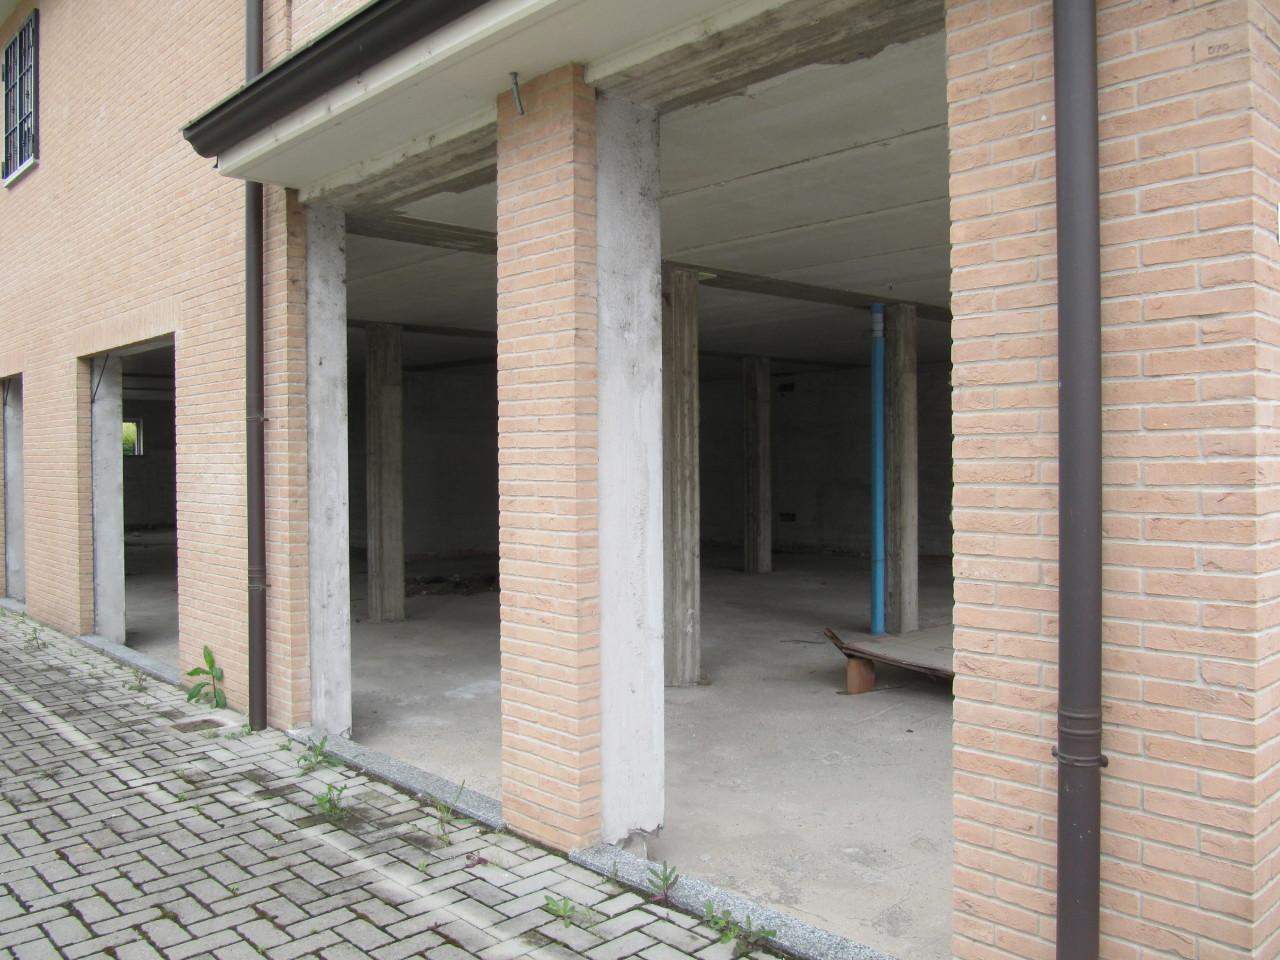 Locale commerciale - Oltre 3 vetrine a Parma Frazioni - Delegazioni, Parma Rif. 10573299